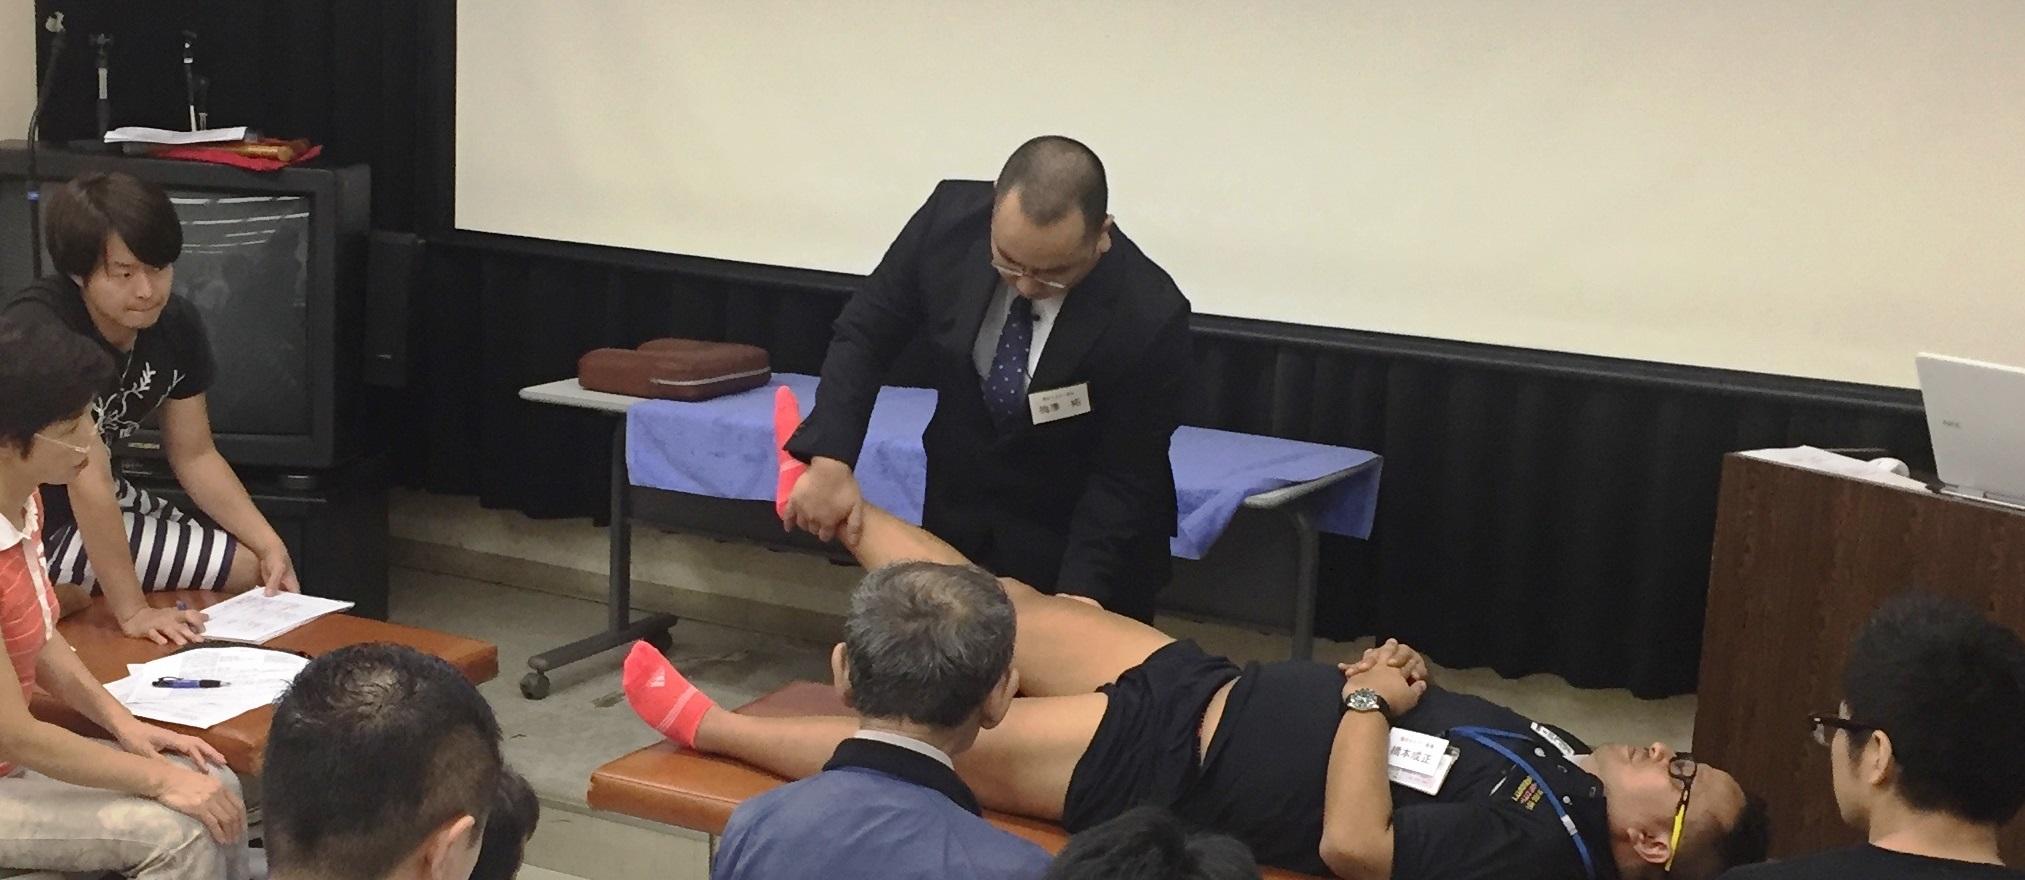 10月6日実施 膝関節検査法